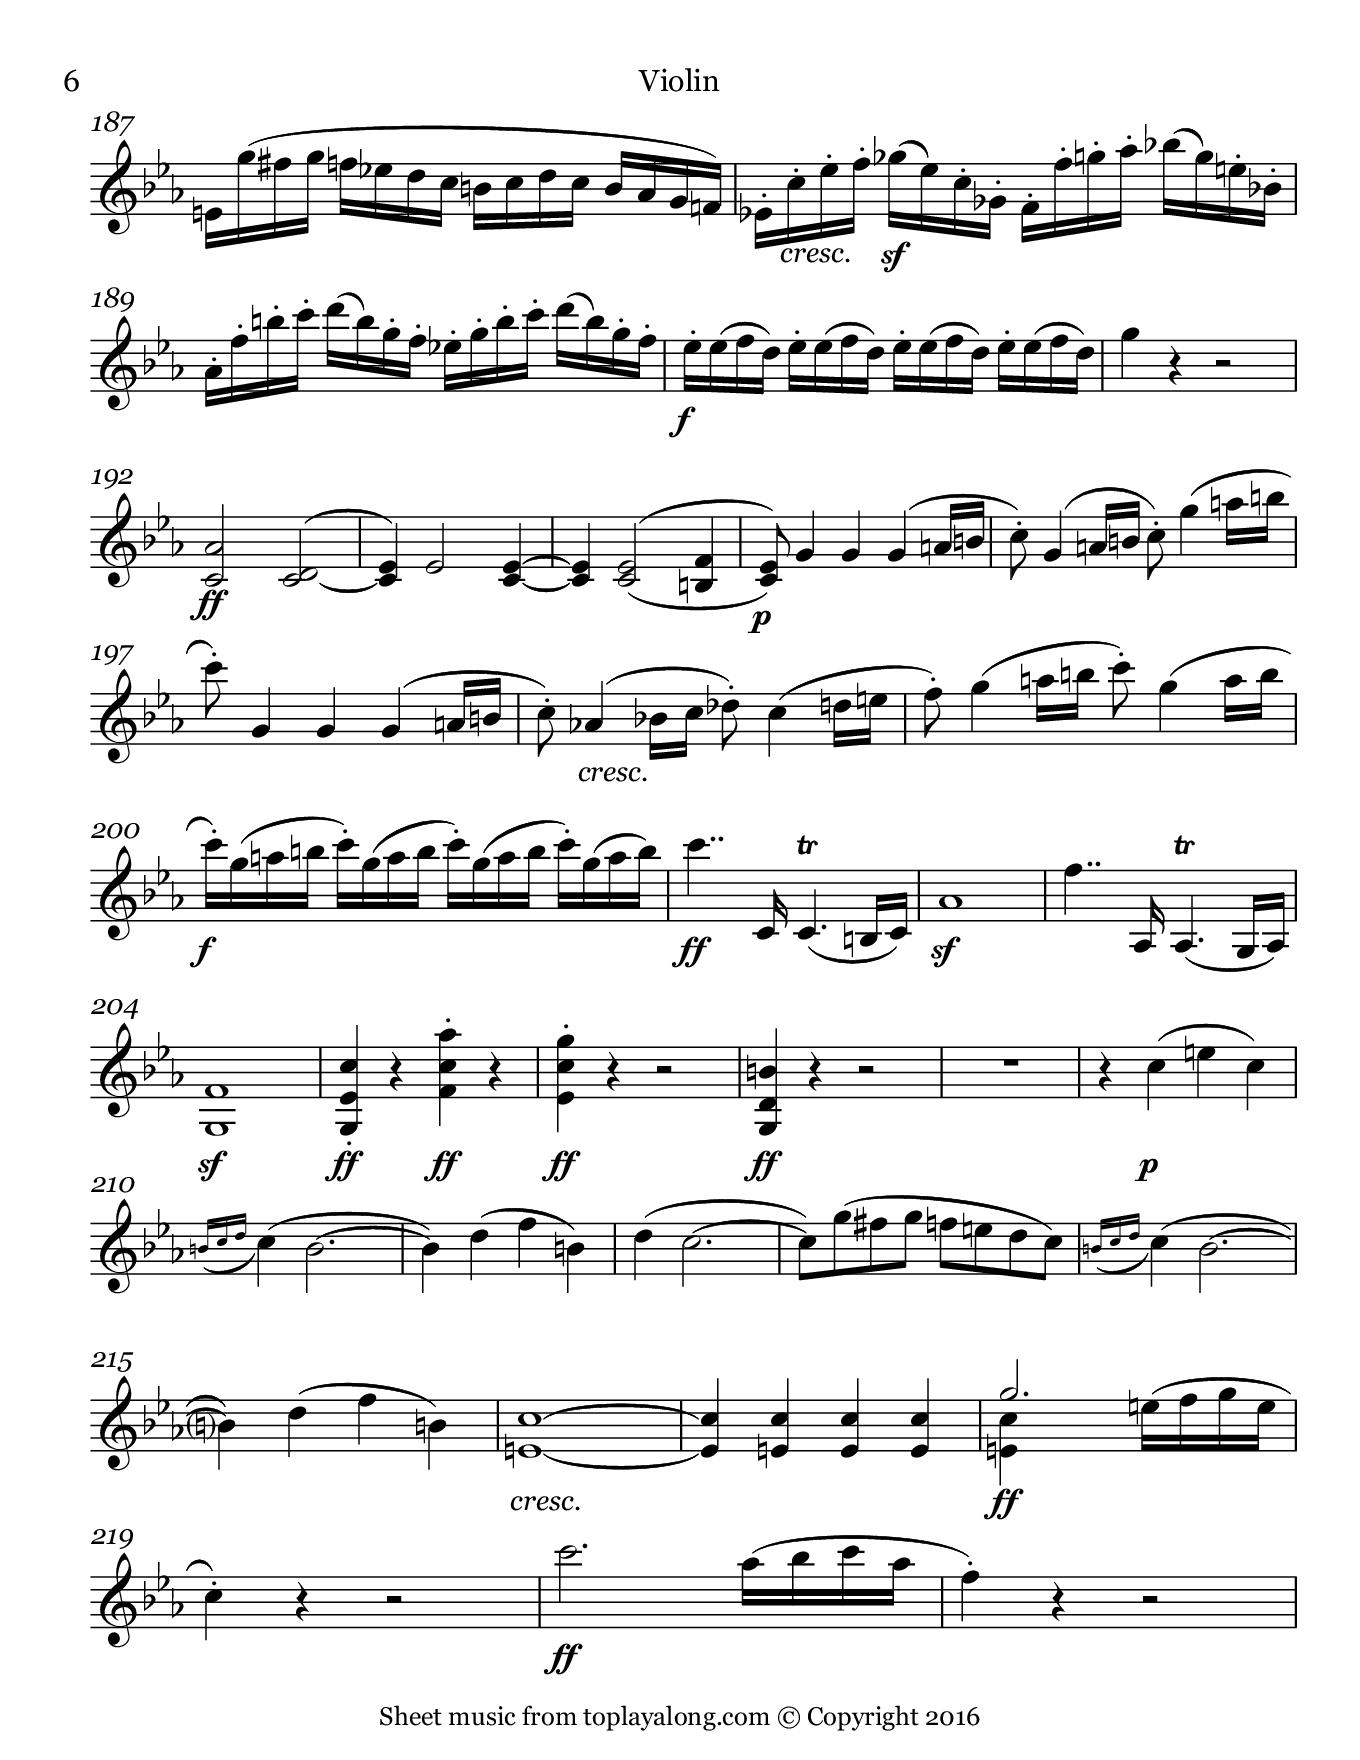 Violin Sonata No. 7 (I. Allegro) by Beethoven. Sheet music for Violin, page 6.